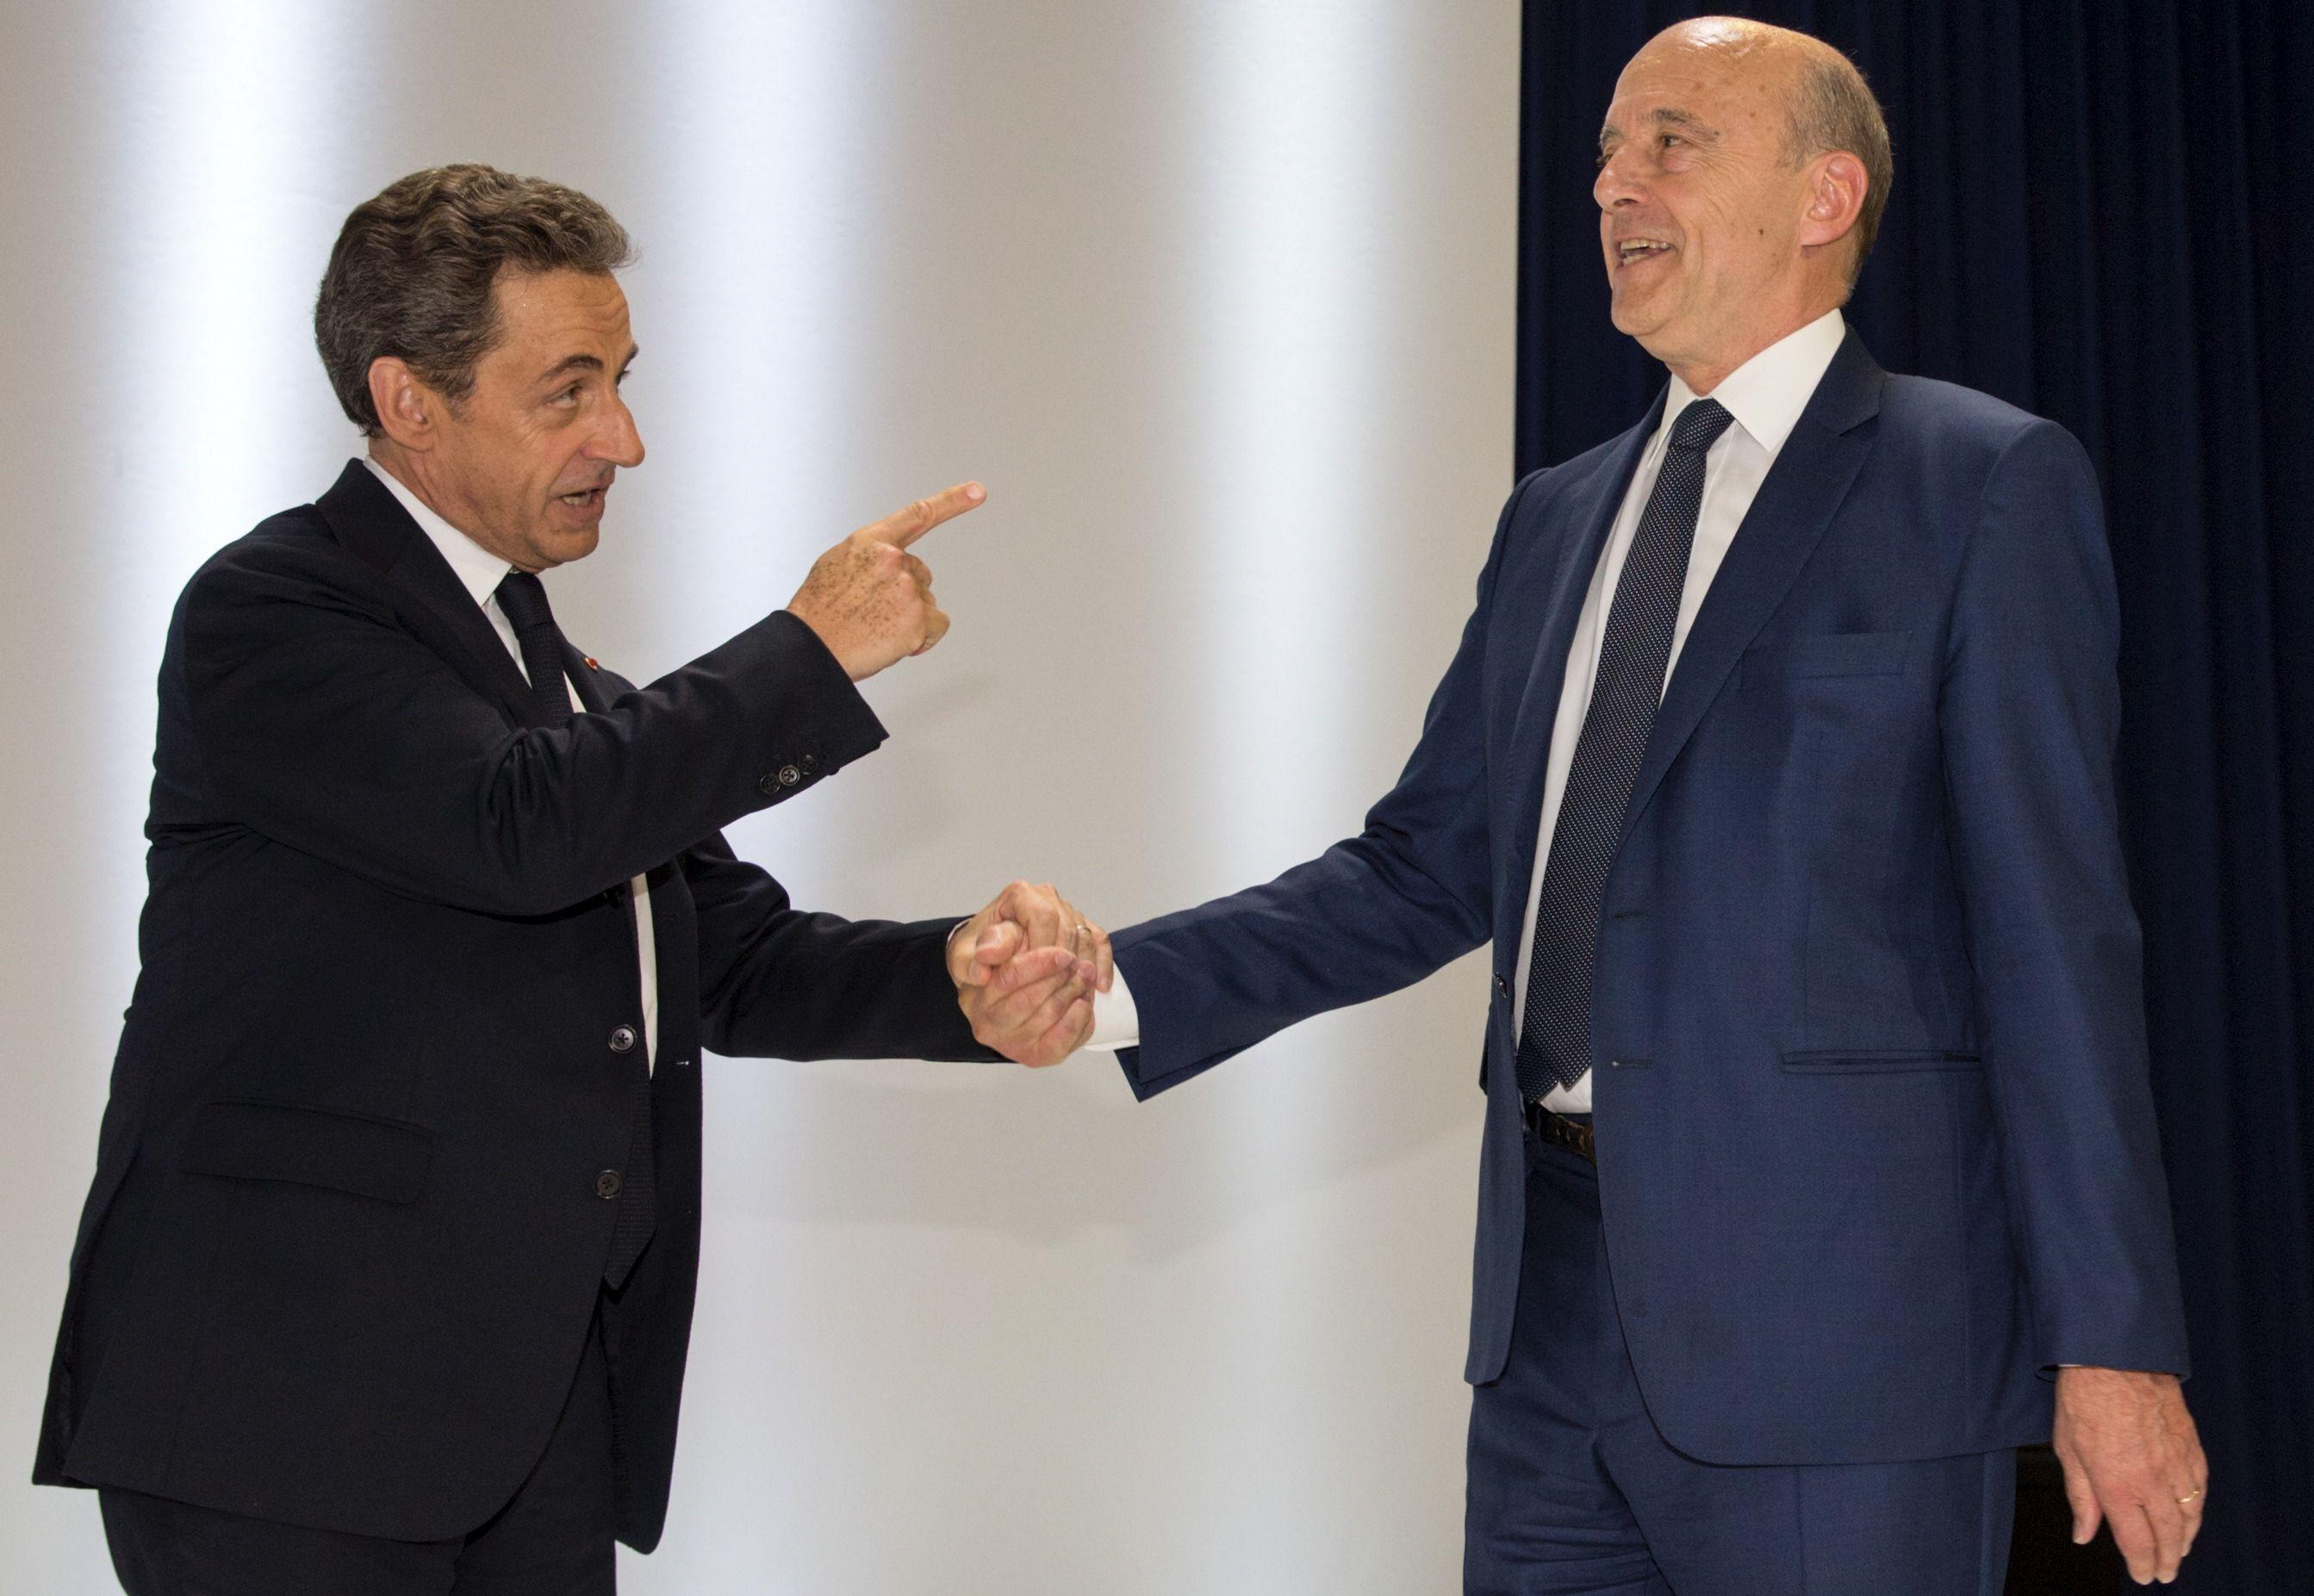 Primaire de la droite et du centre : en cas de défaite, Alain Juppé soutiendra Nicolas Sarkozy mais...